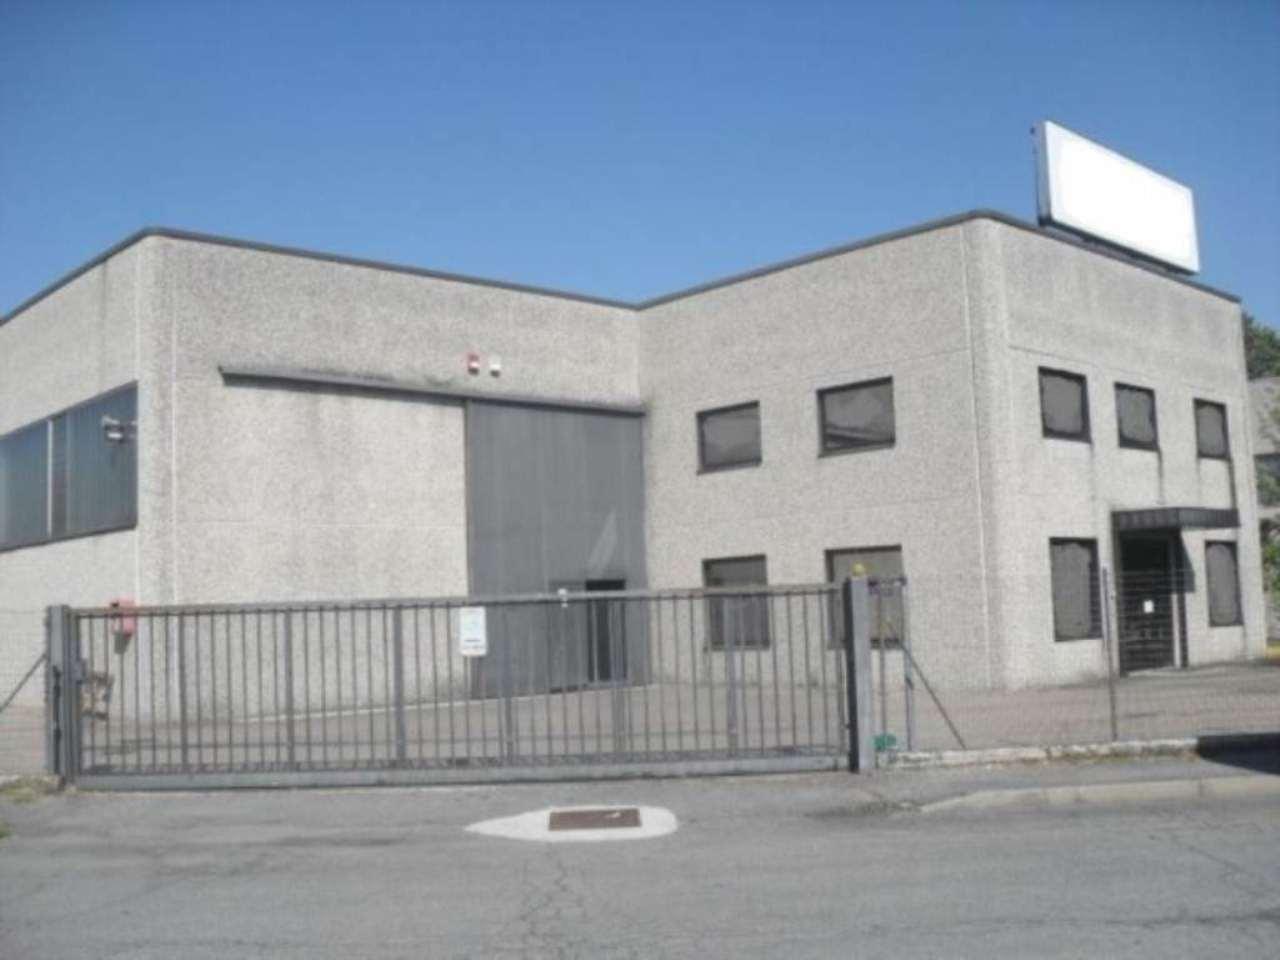 Capannone in vendita a Tavazzano con Villavesco, 9999 locali, prezzo € 1.200.000 | Cambio Casa.it